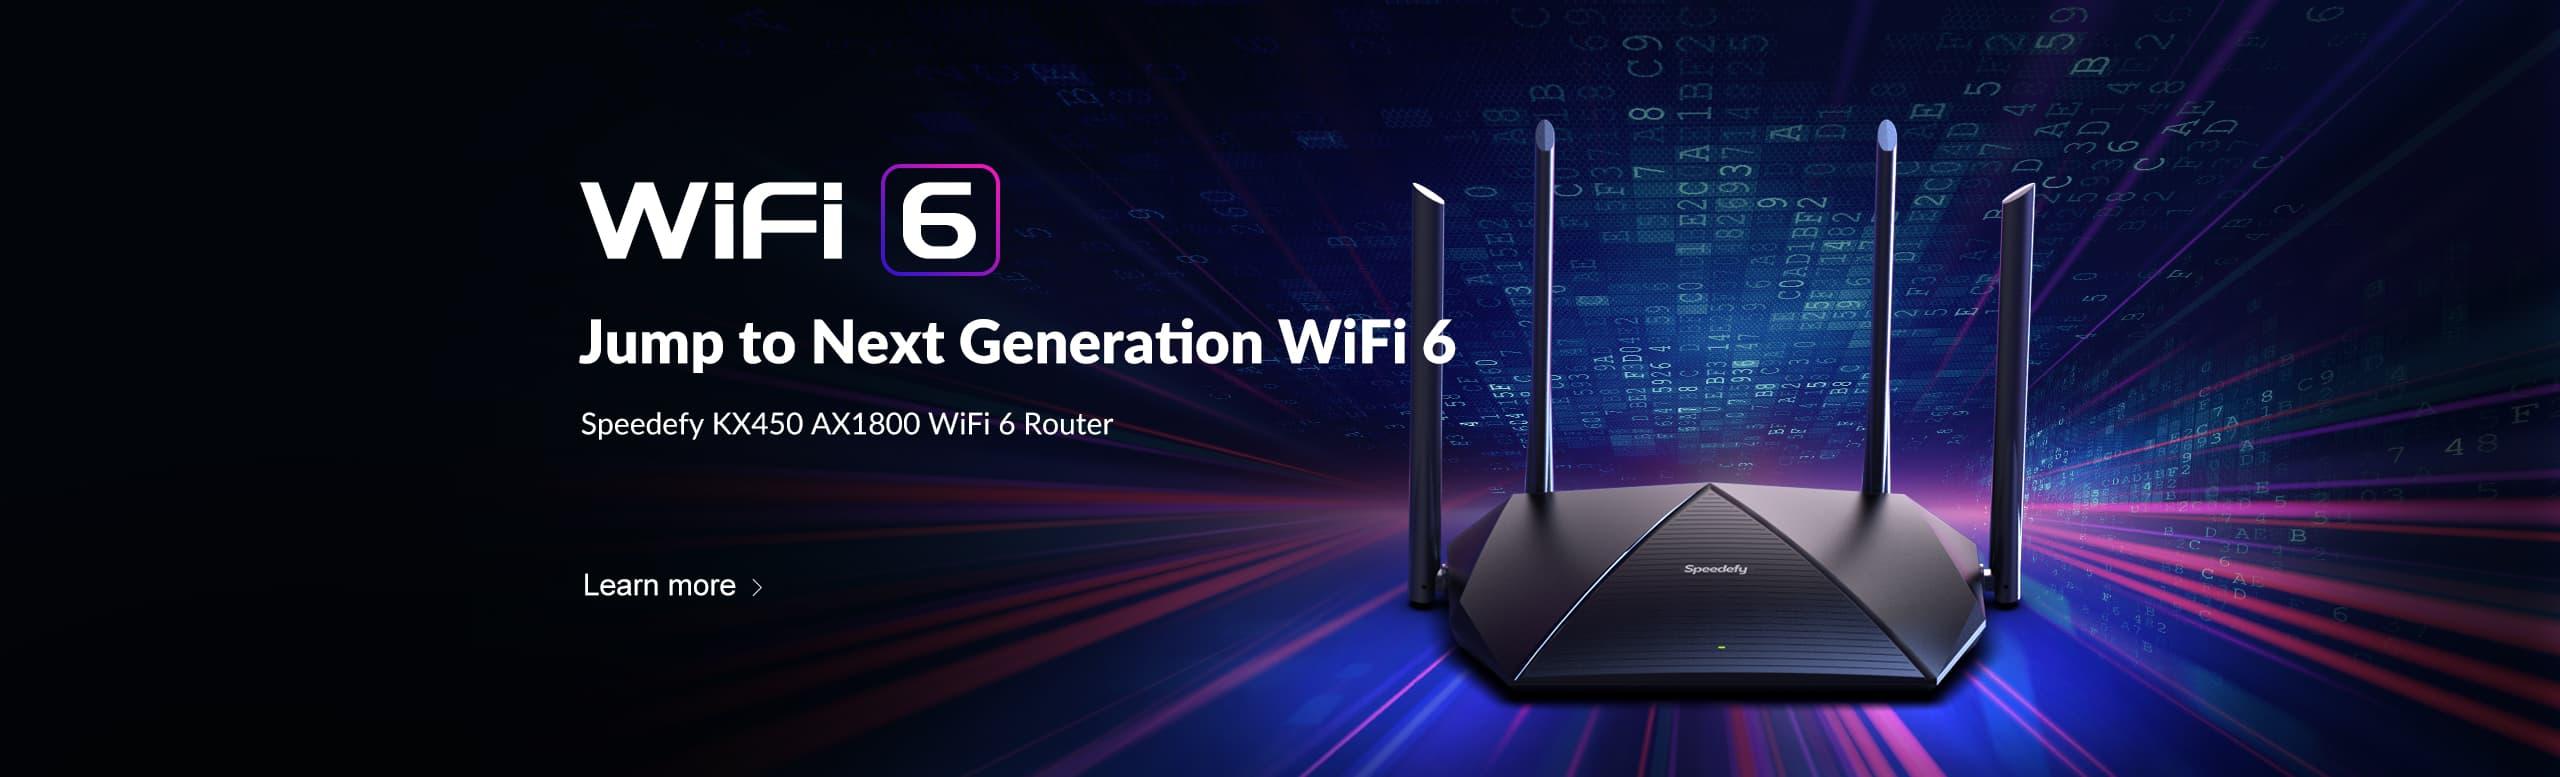 speedefy kx450 wifi 6 router headline banner